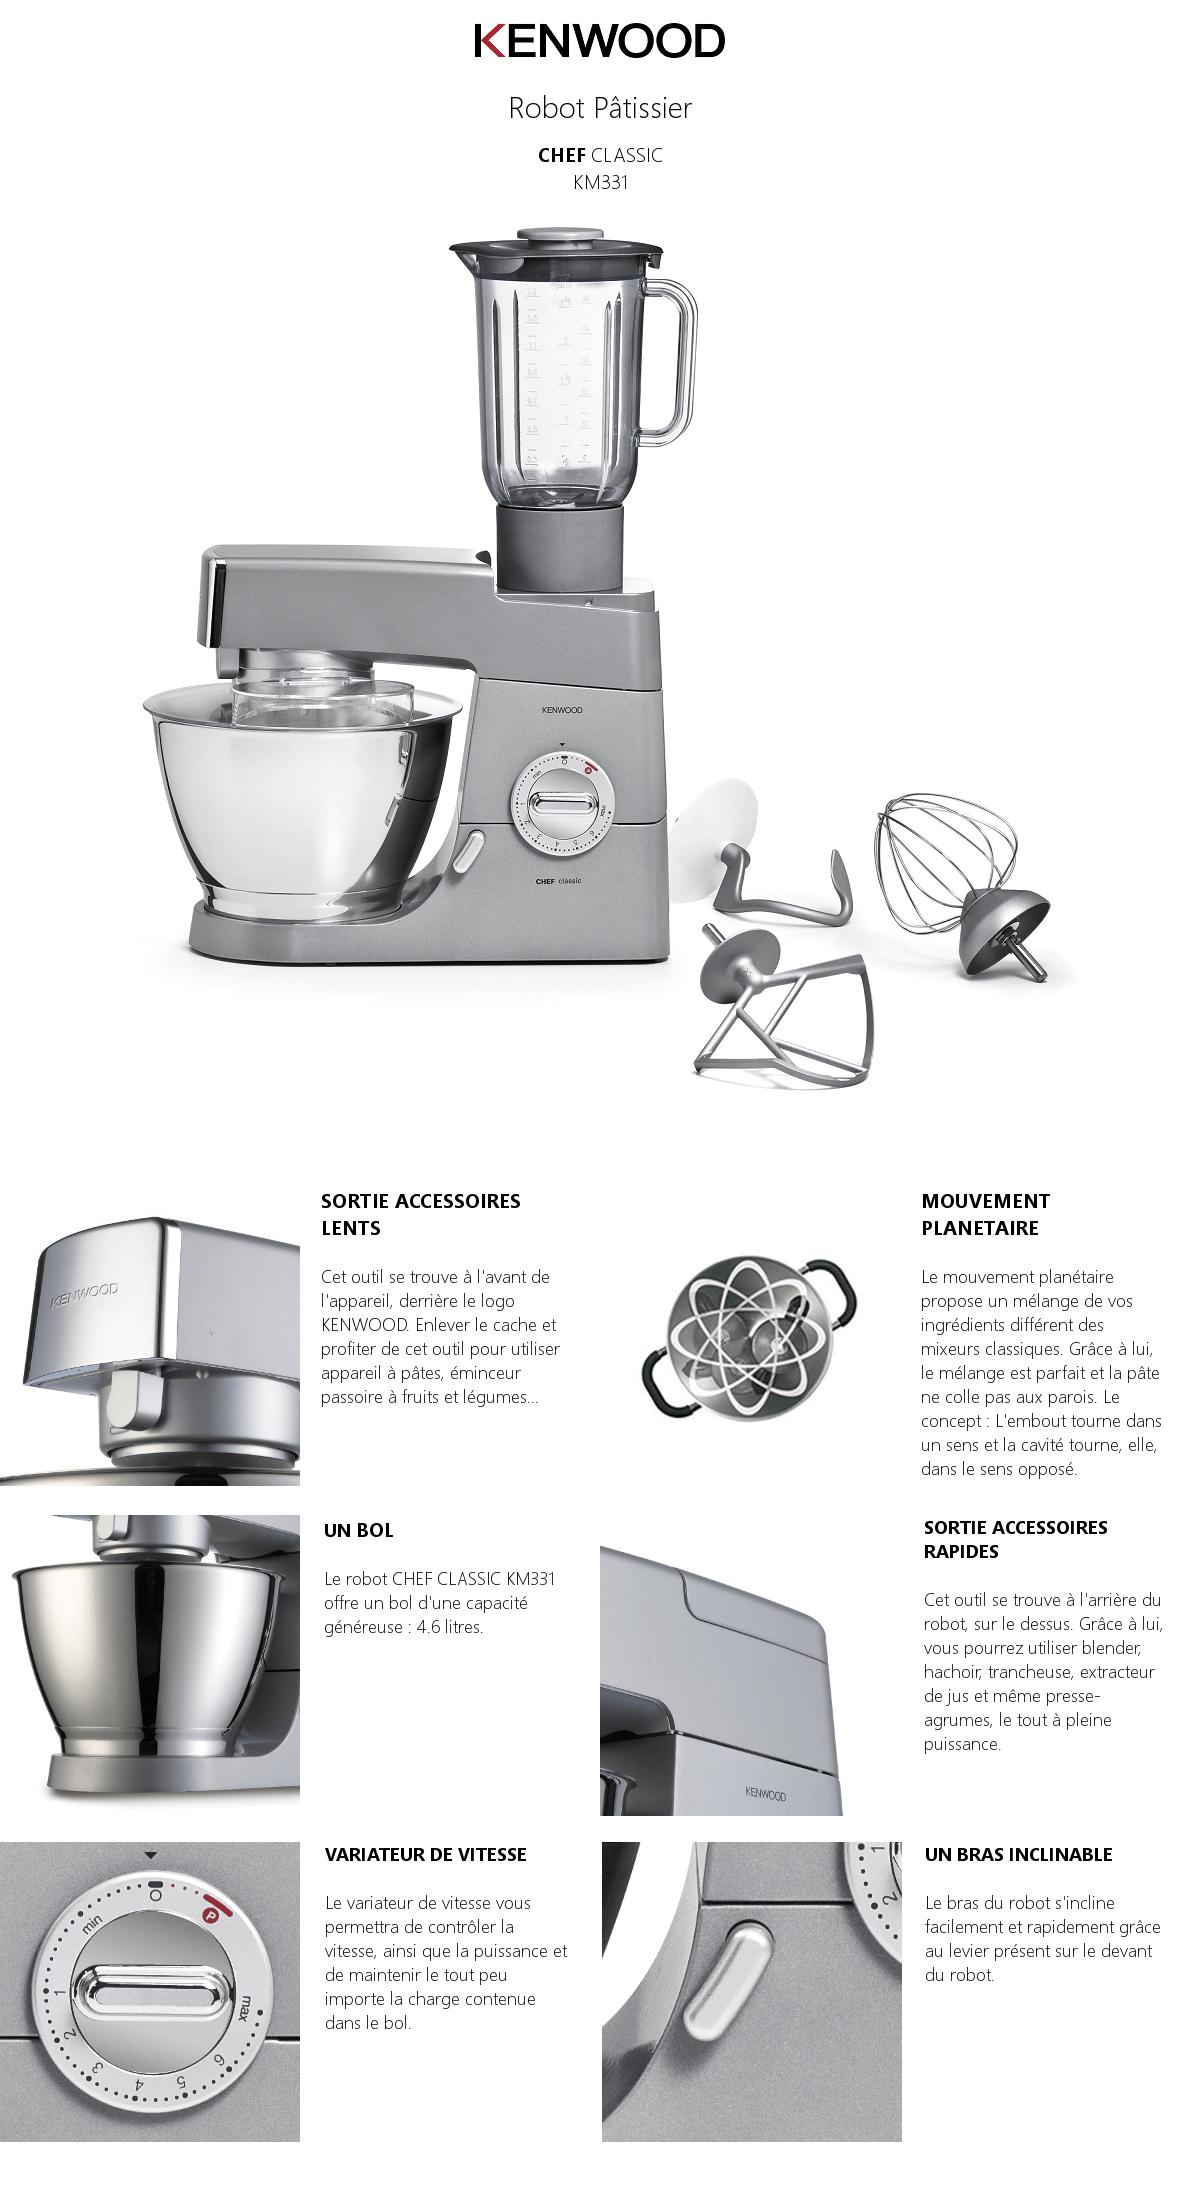 kenwood km331 robot p tissier classic gris achat vente robot de cuisine cdiscount. Black Bedroom Furniture Sets. Home Design Ideas